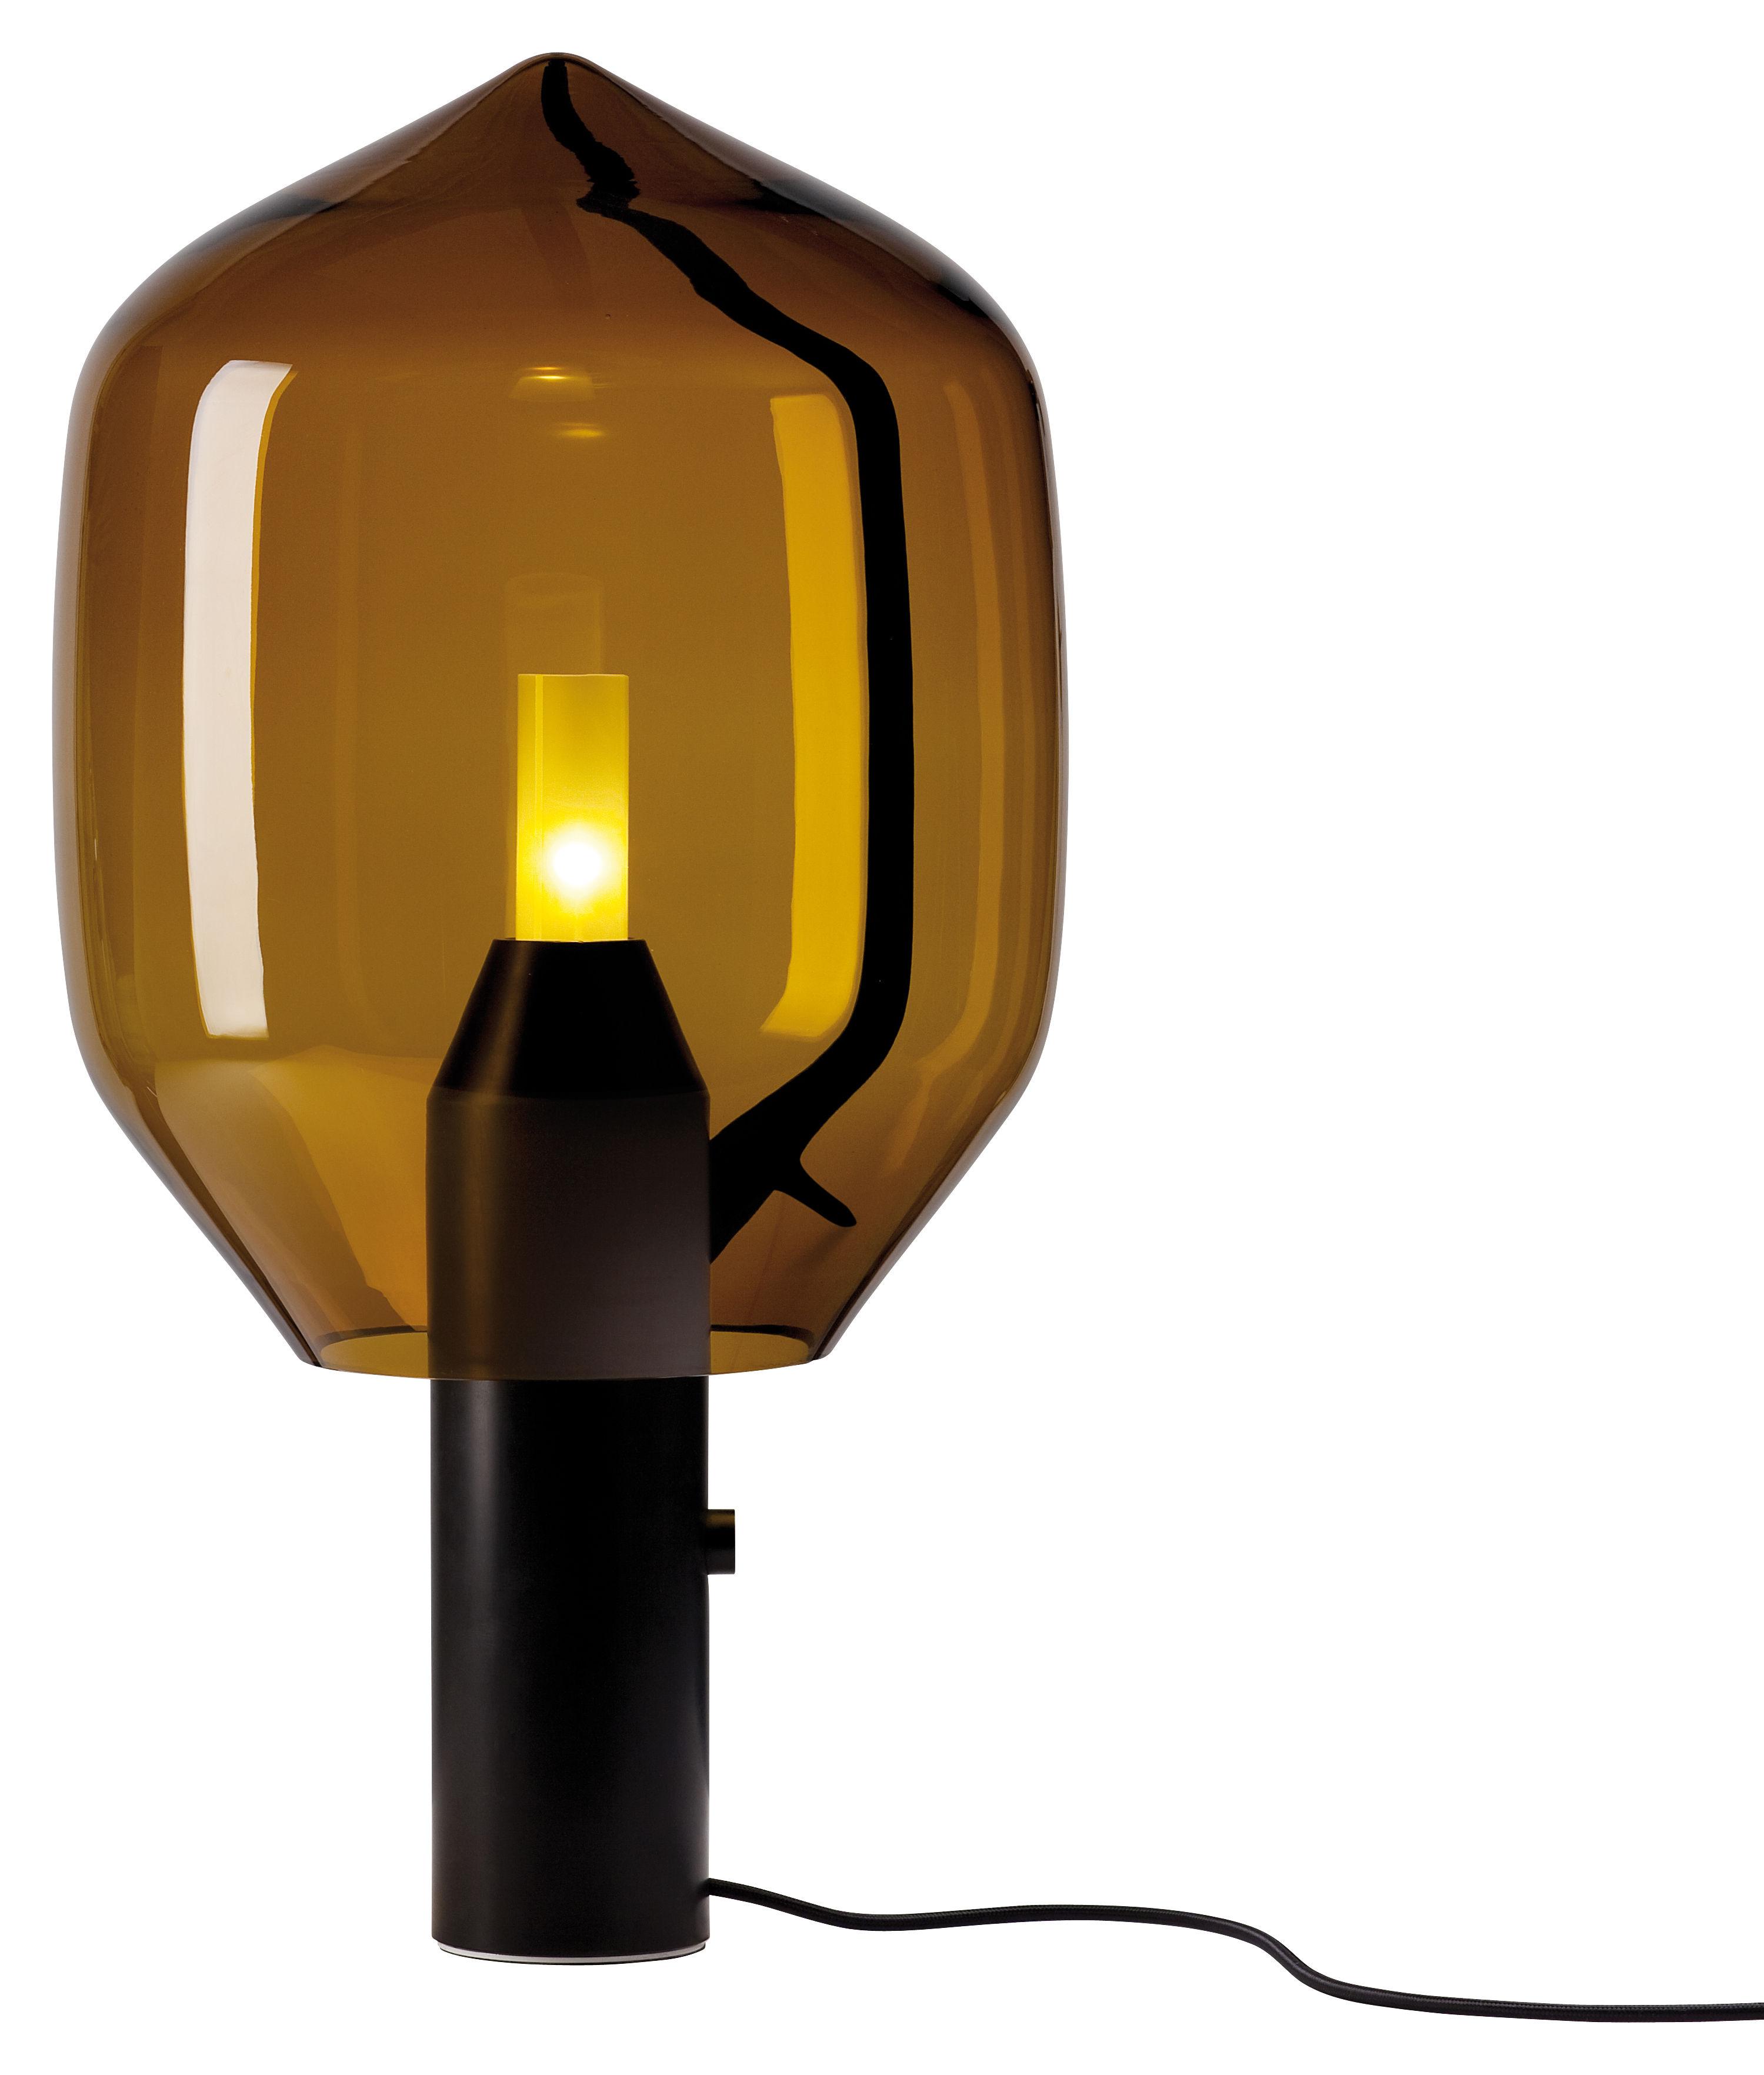 Illuminazione - Lampade da tavolo - Lampada da tavolo Lighthouse - H 69,5 cm di Established & Sons - Diffusore in vetro ambrato / Struttura in marmo nero - Alluminio anodizzato, Marmo Marquina, Vetro soffiato a bocca